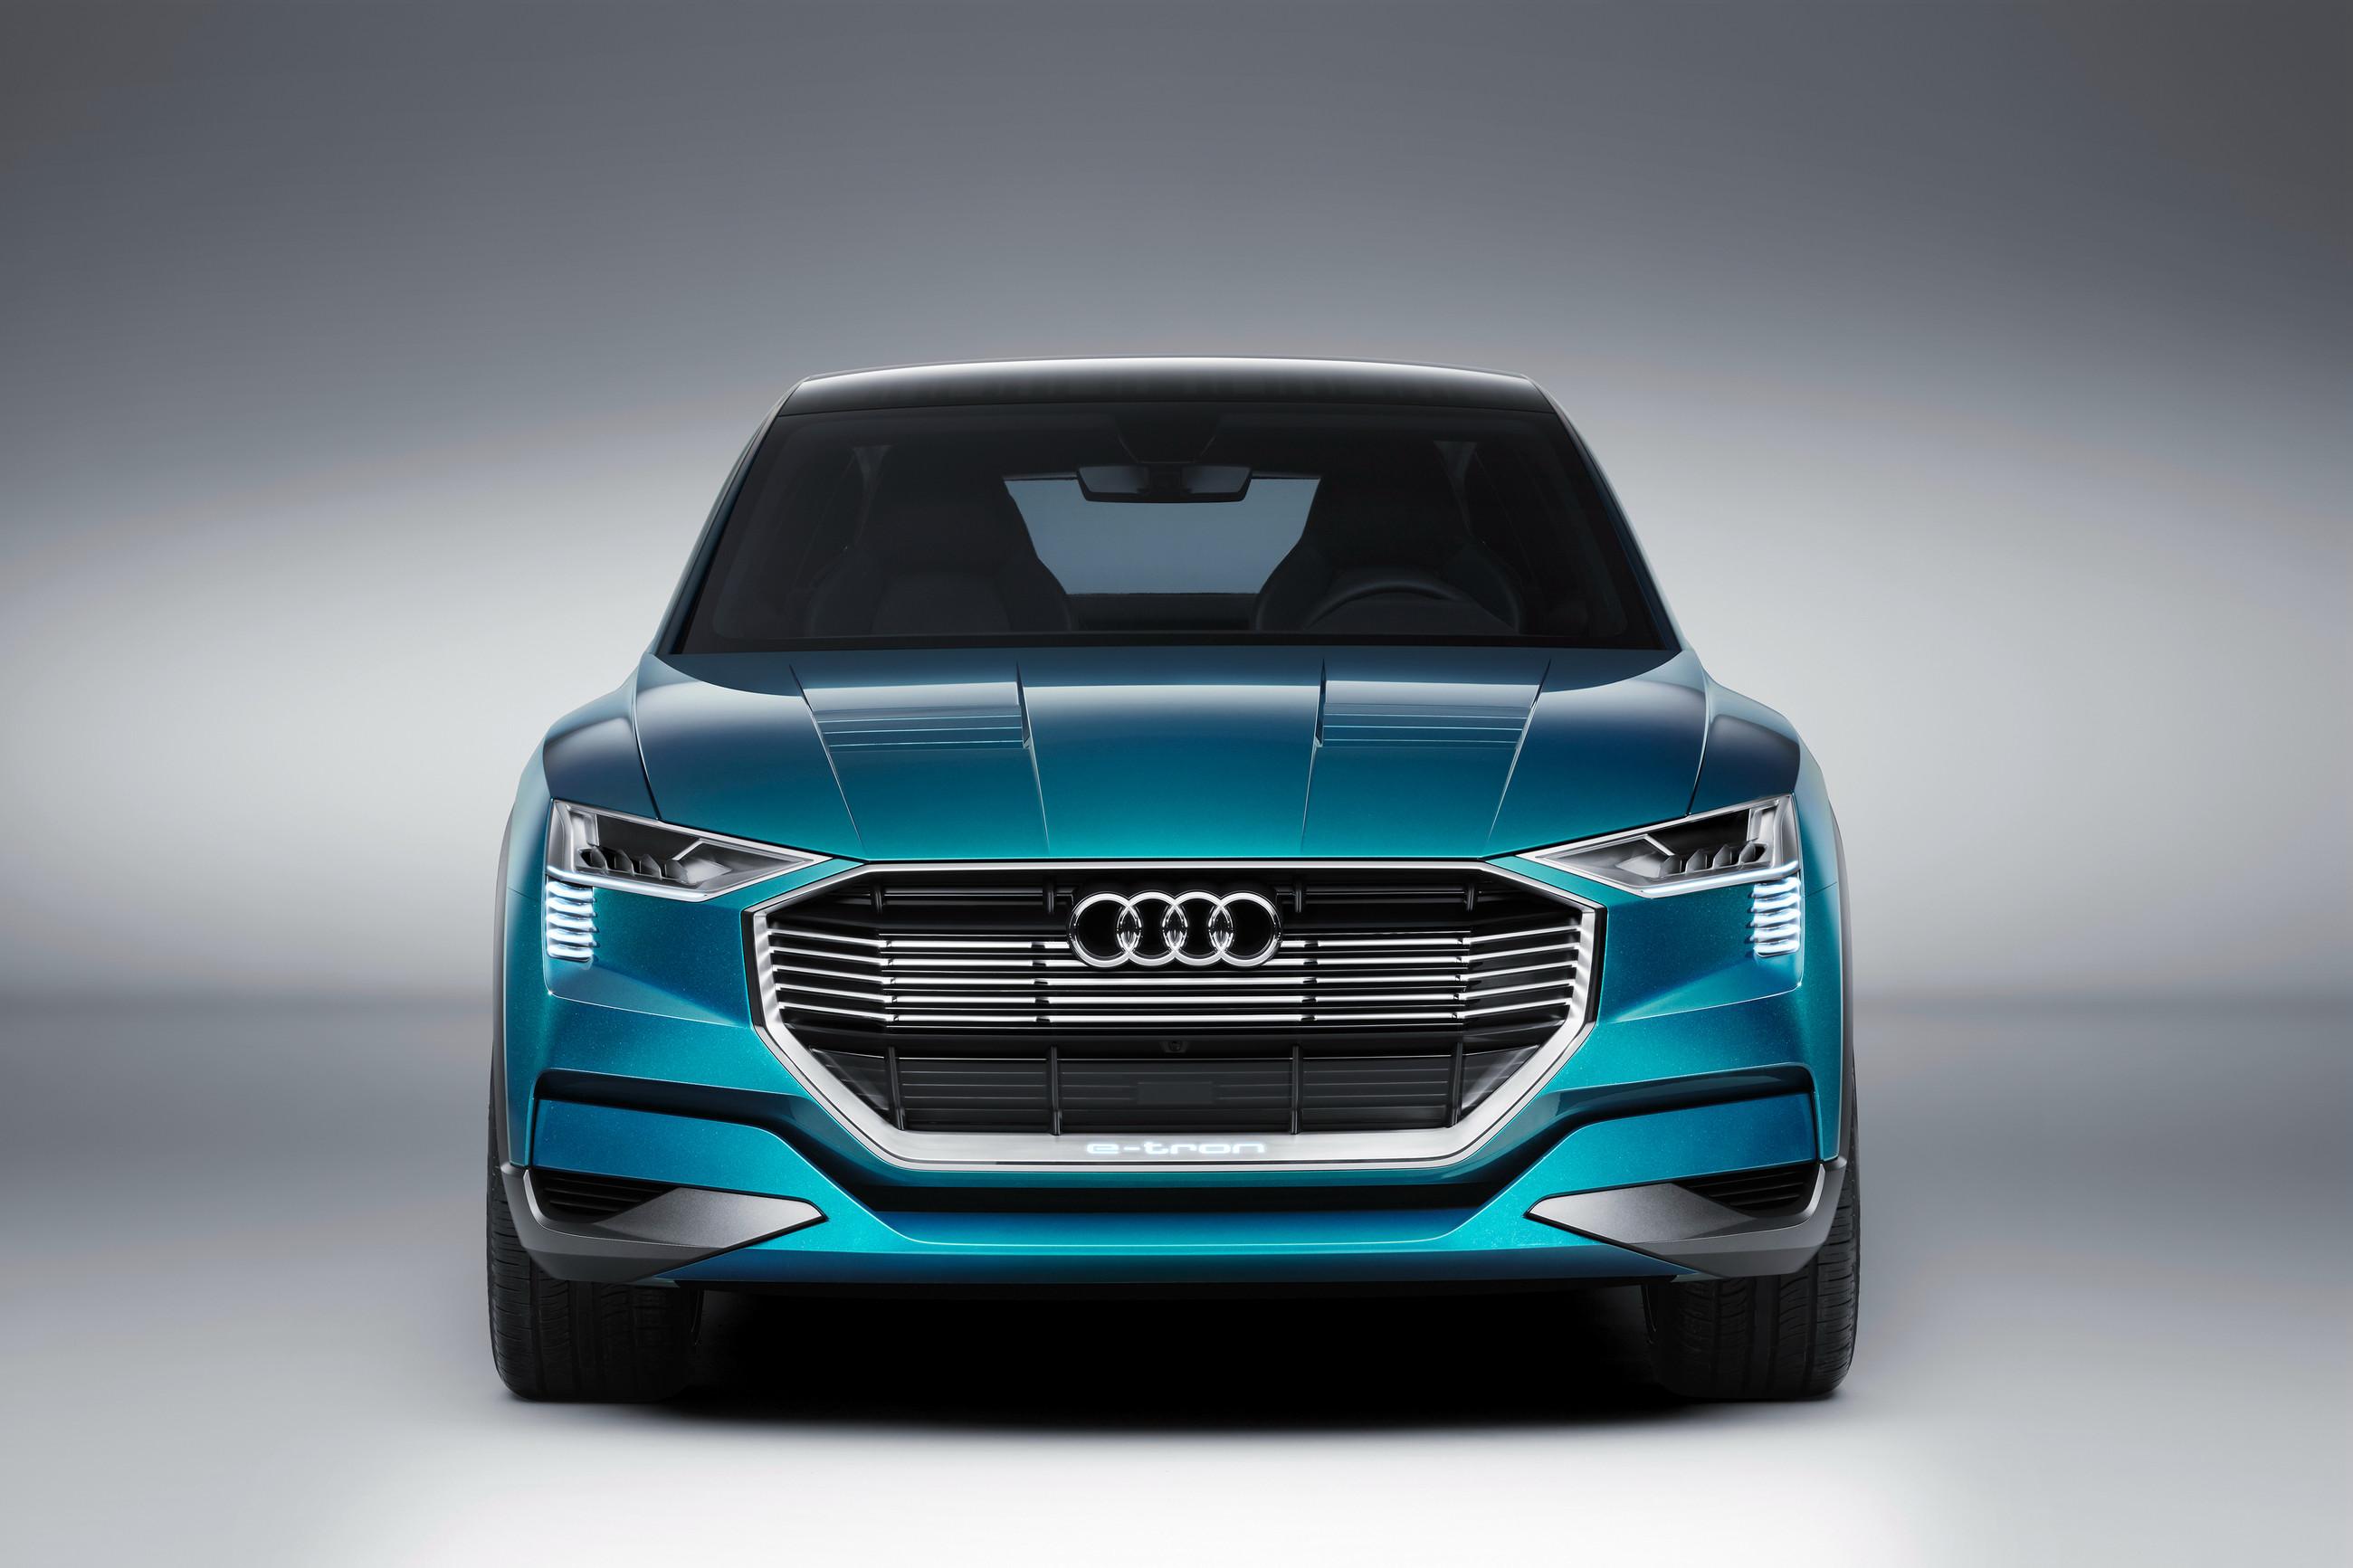 Чтобы догнать Tesla, в Audi готовы тратить миллиарды евро